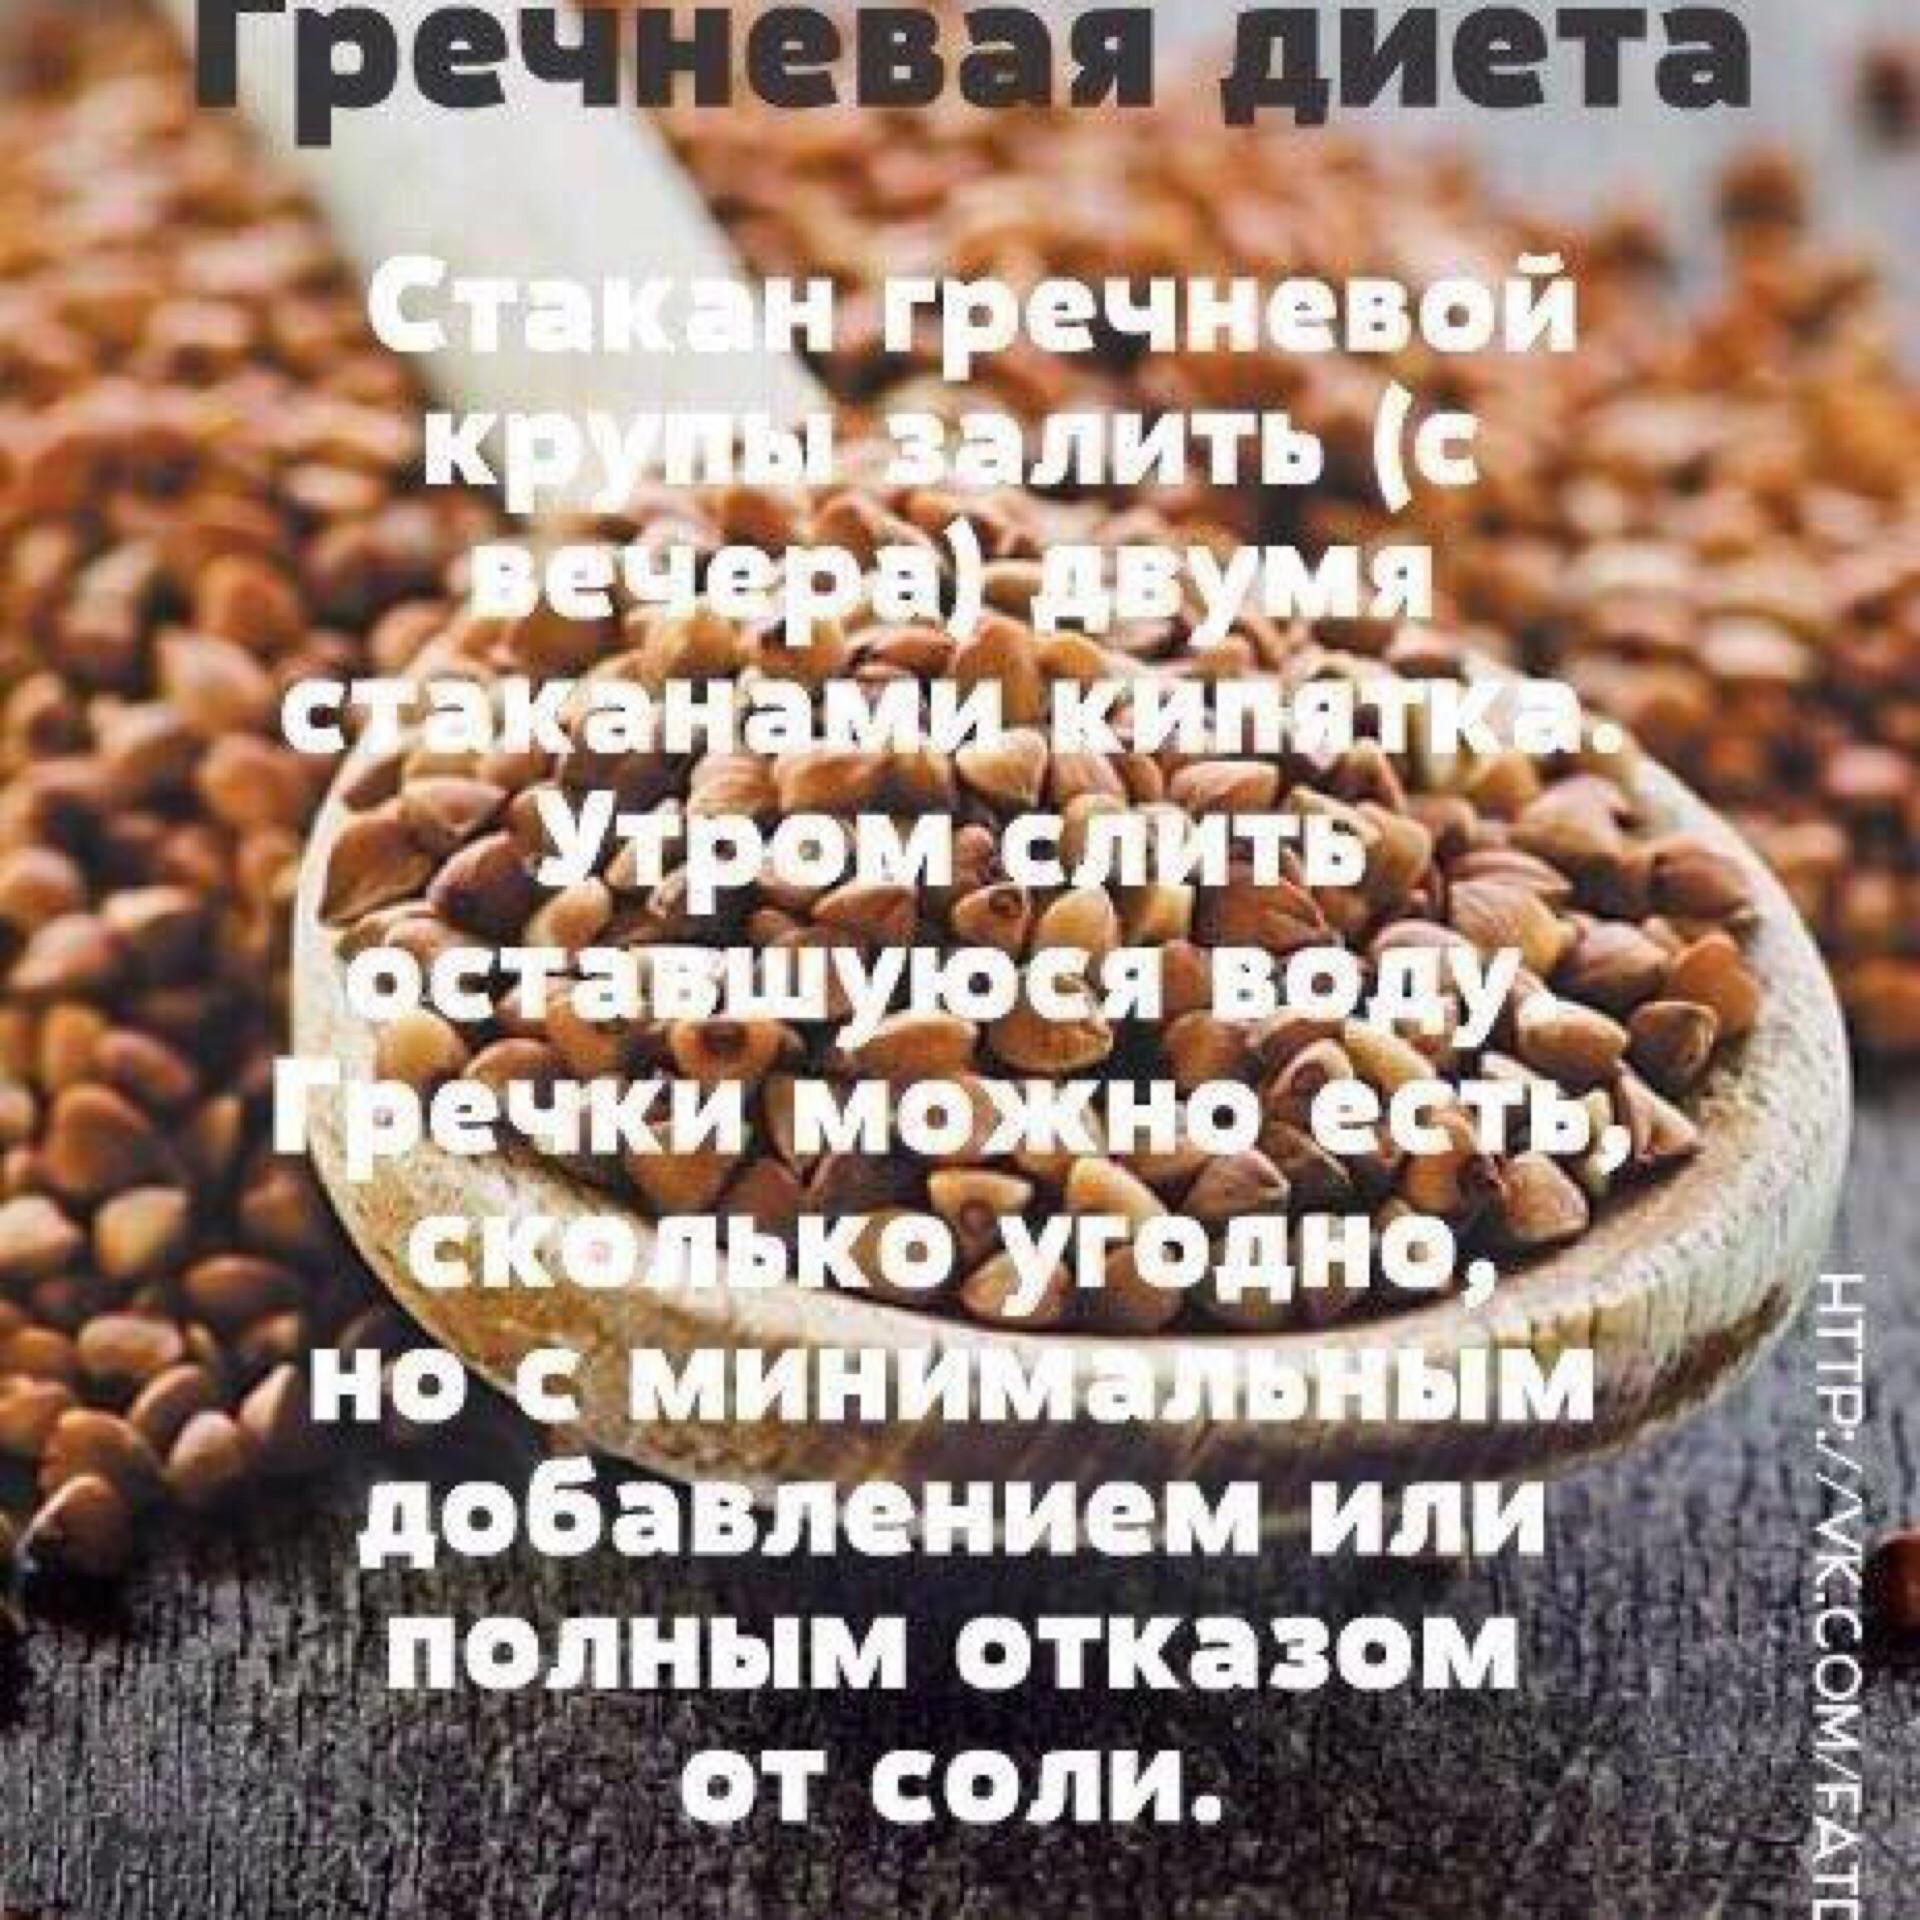 диета на гречке вареной отзывы